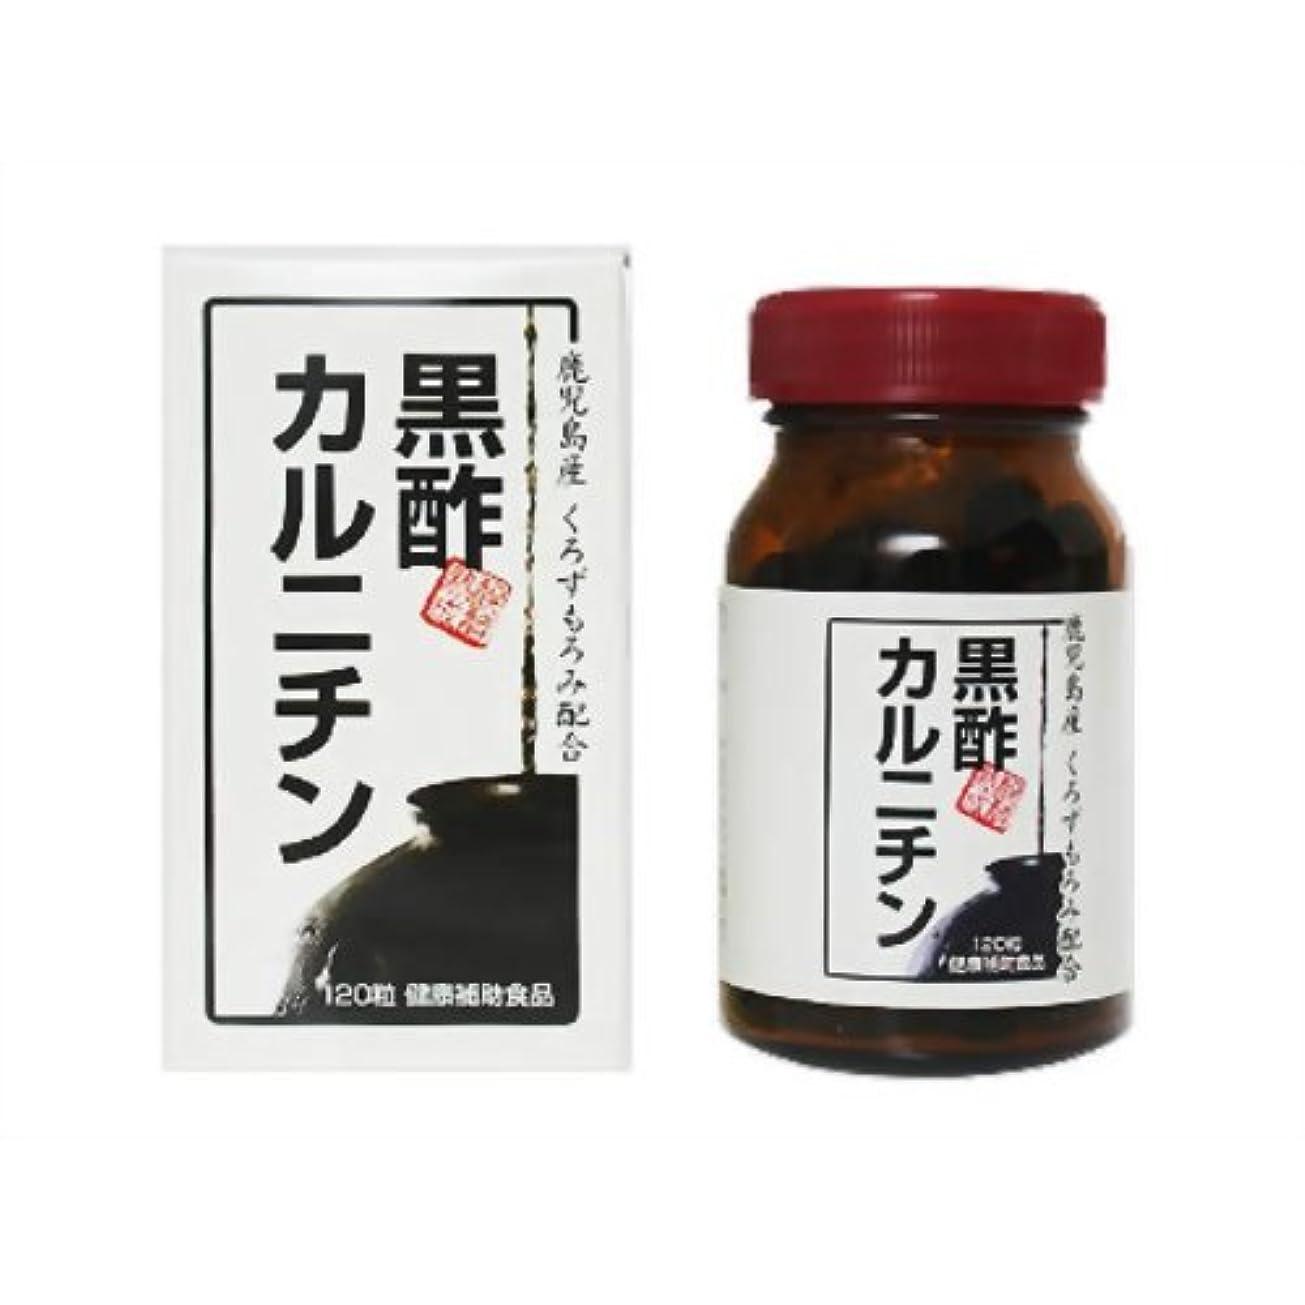 ジュース有効ノート黒酢カルニチン 120粒